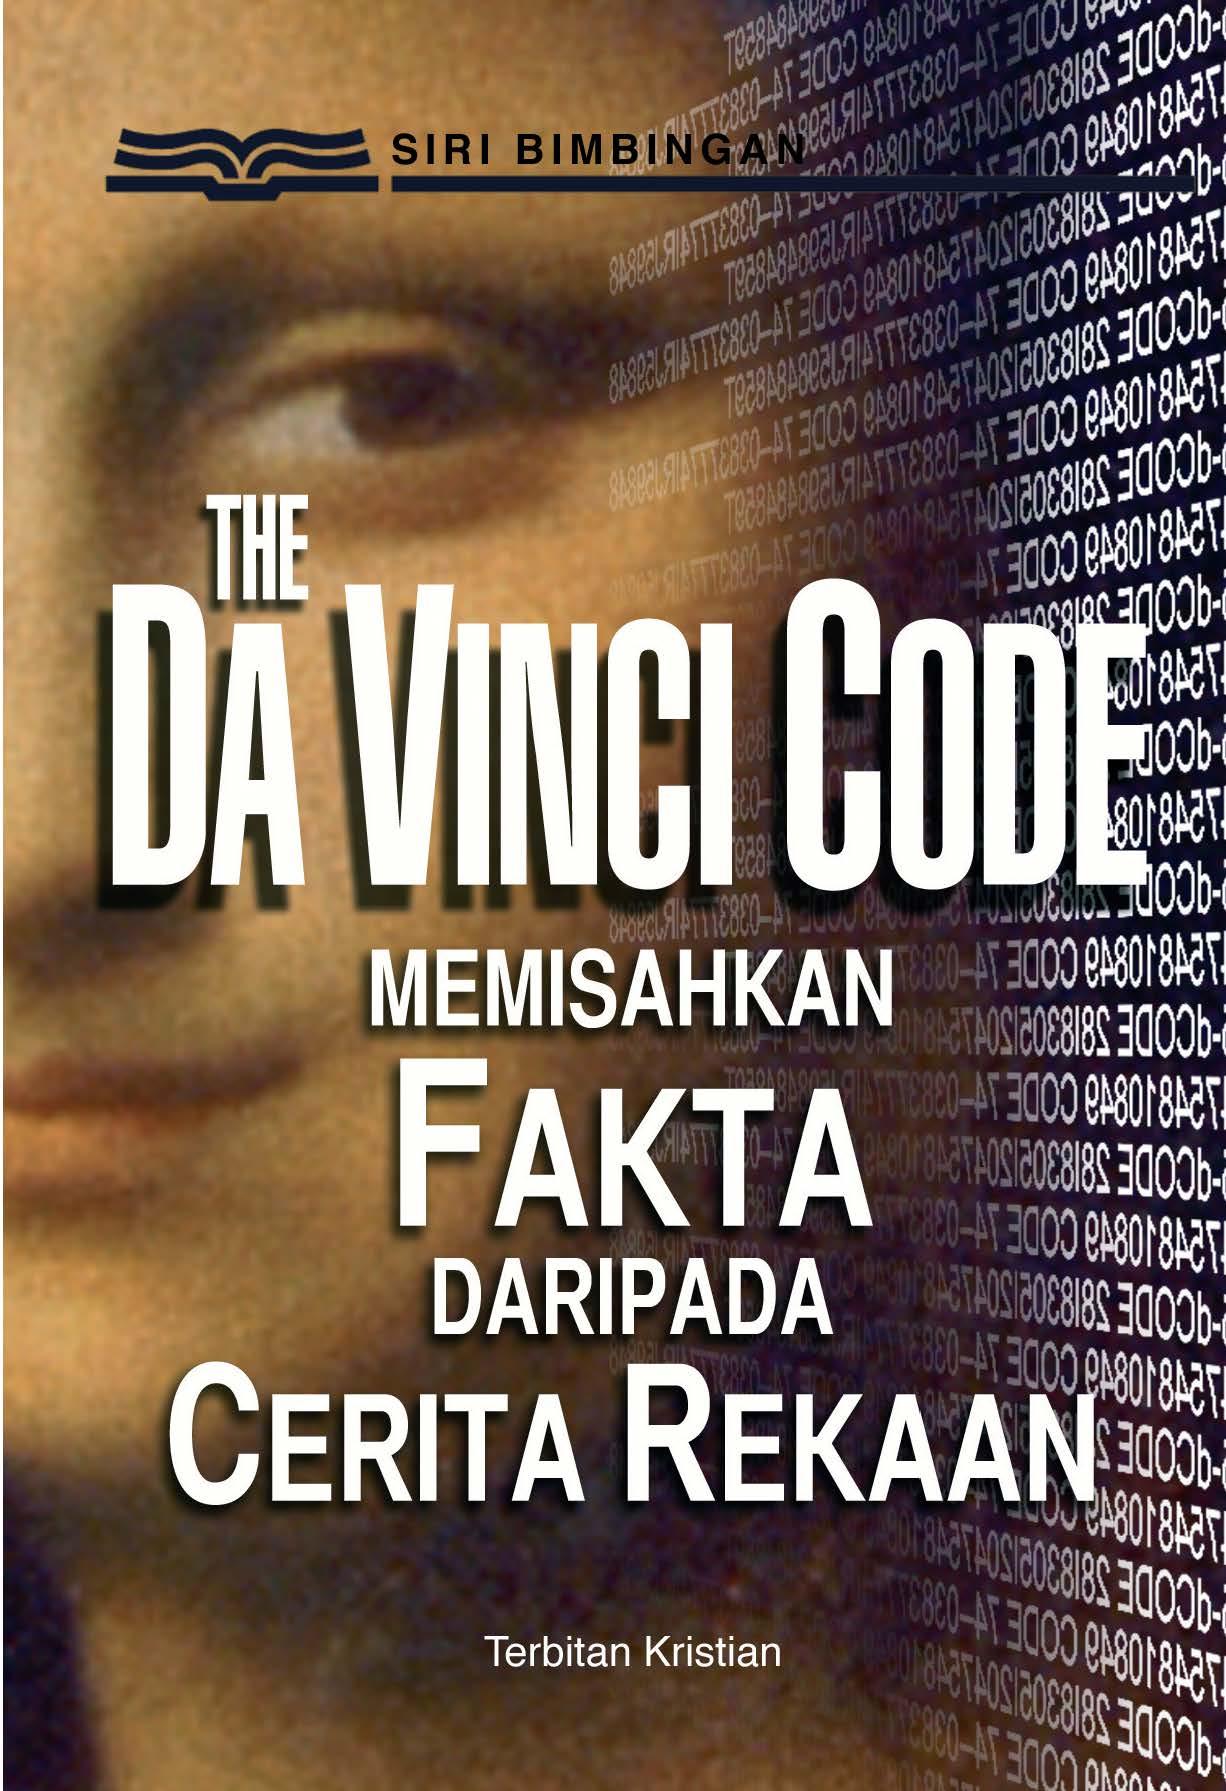 The Da Vinci Code: Memisahkan Fakta daripada Cerita Rekaan